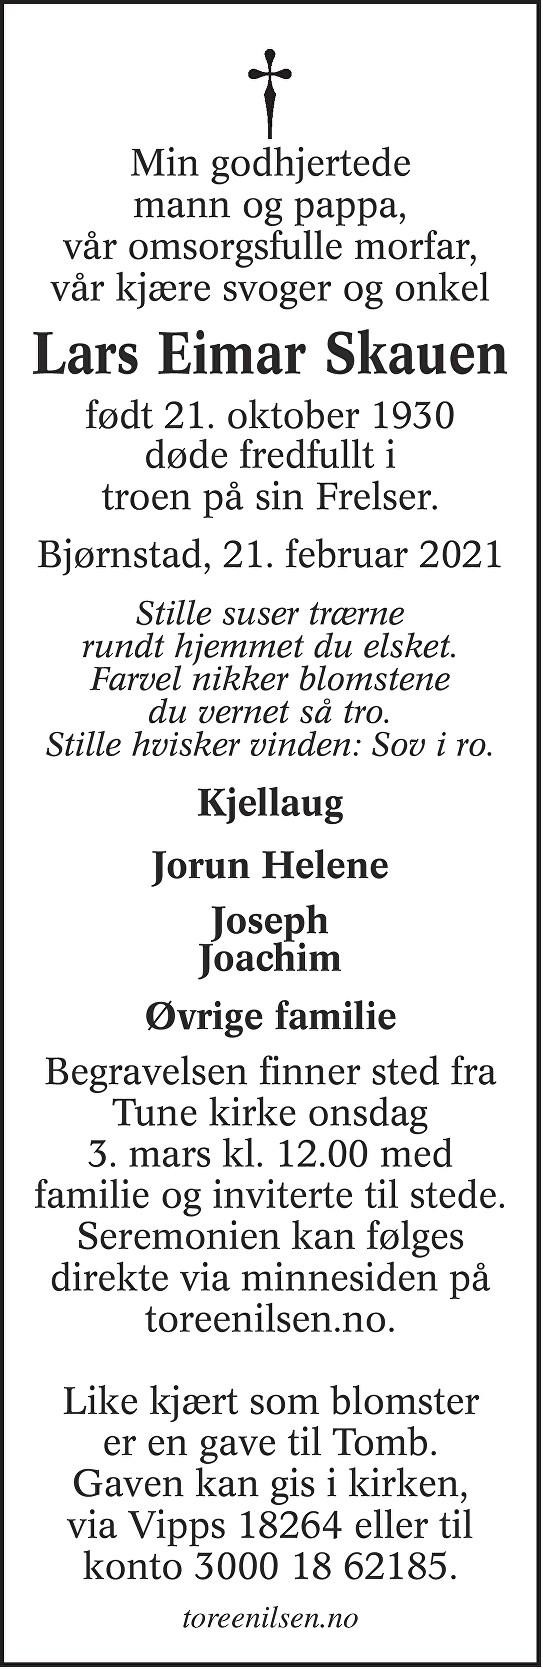 Lars Eimar Skauen Dødsannonse